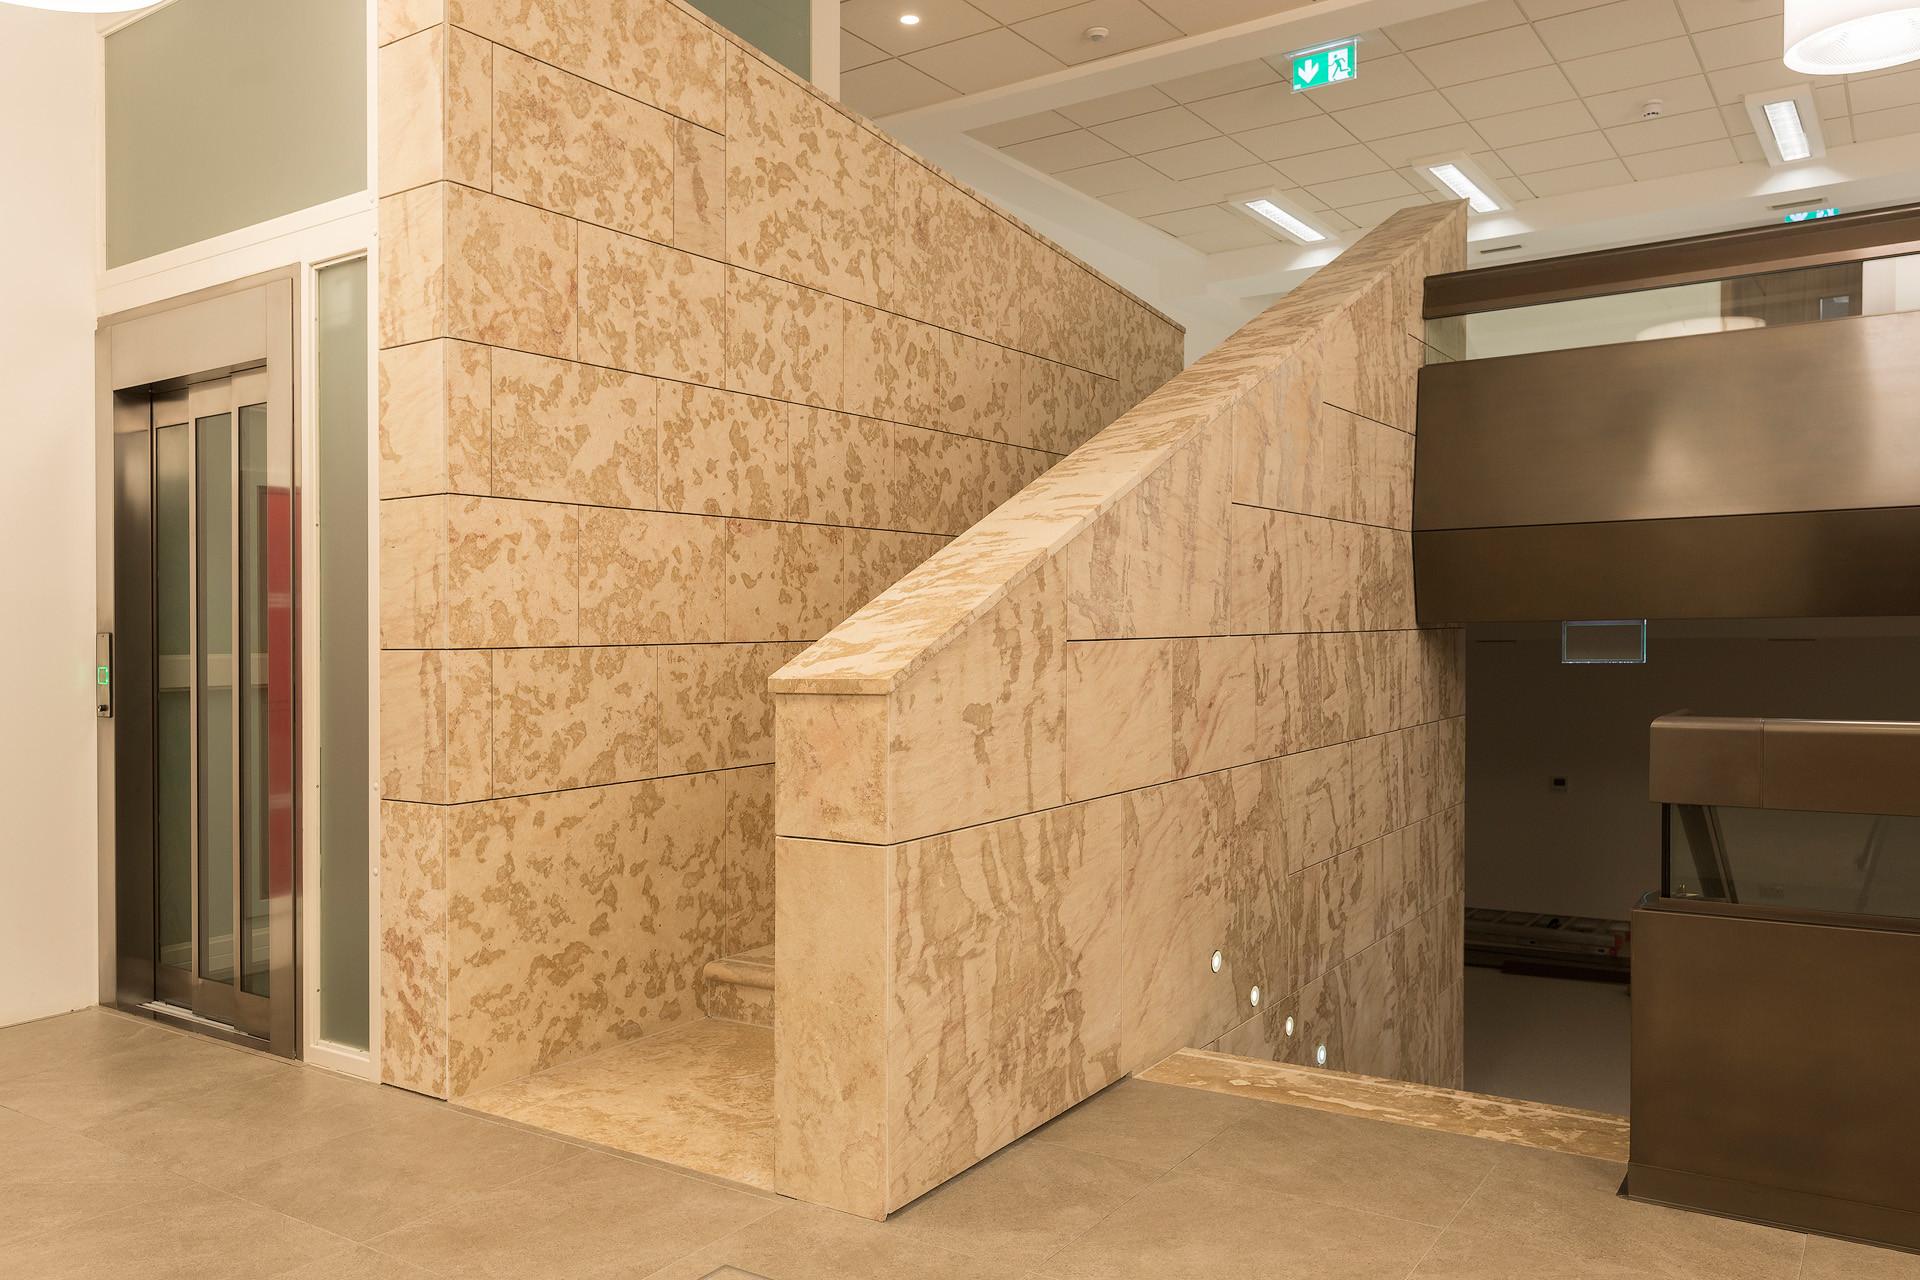 03-halmannvella-naturalstone-centralbank